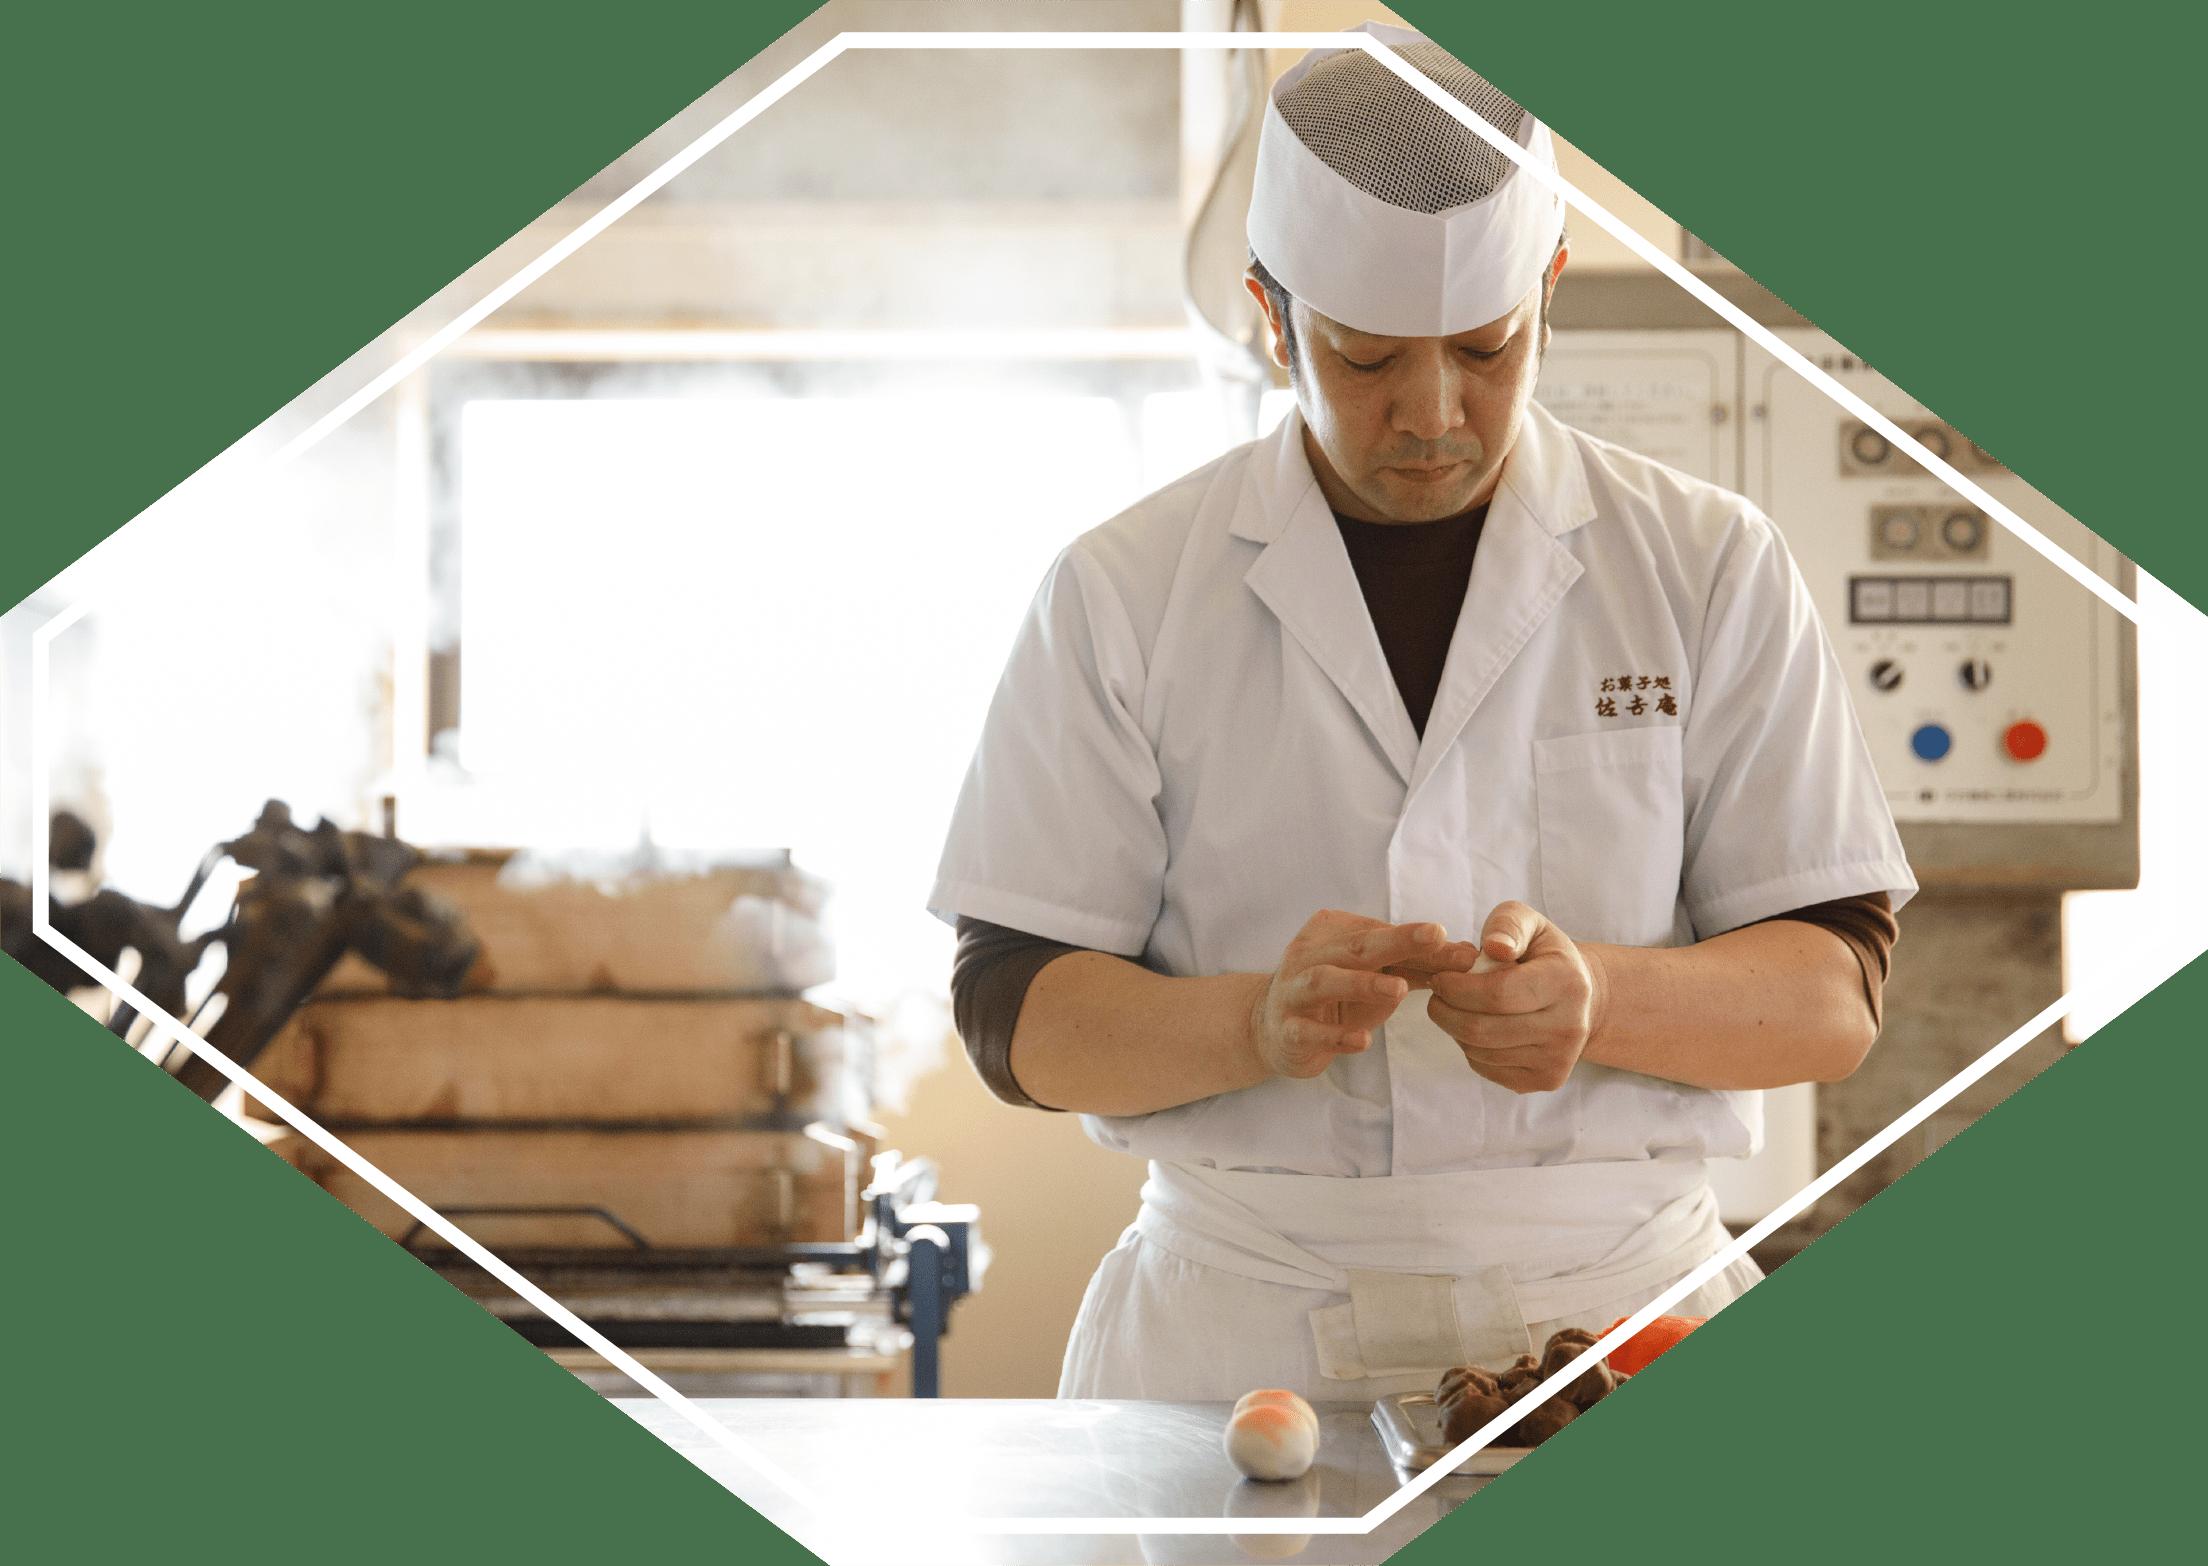 和菓子は生き物。熟練の技と感性で心を込めた菓子づくり。